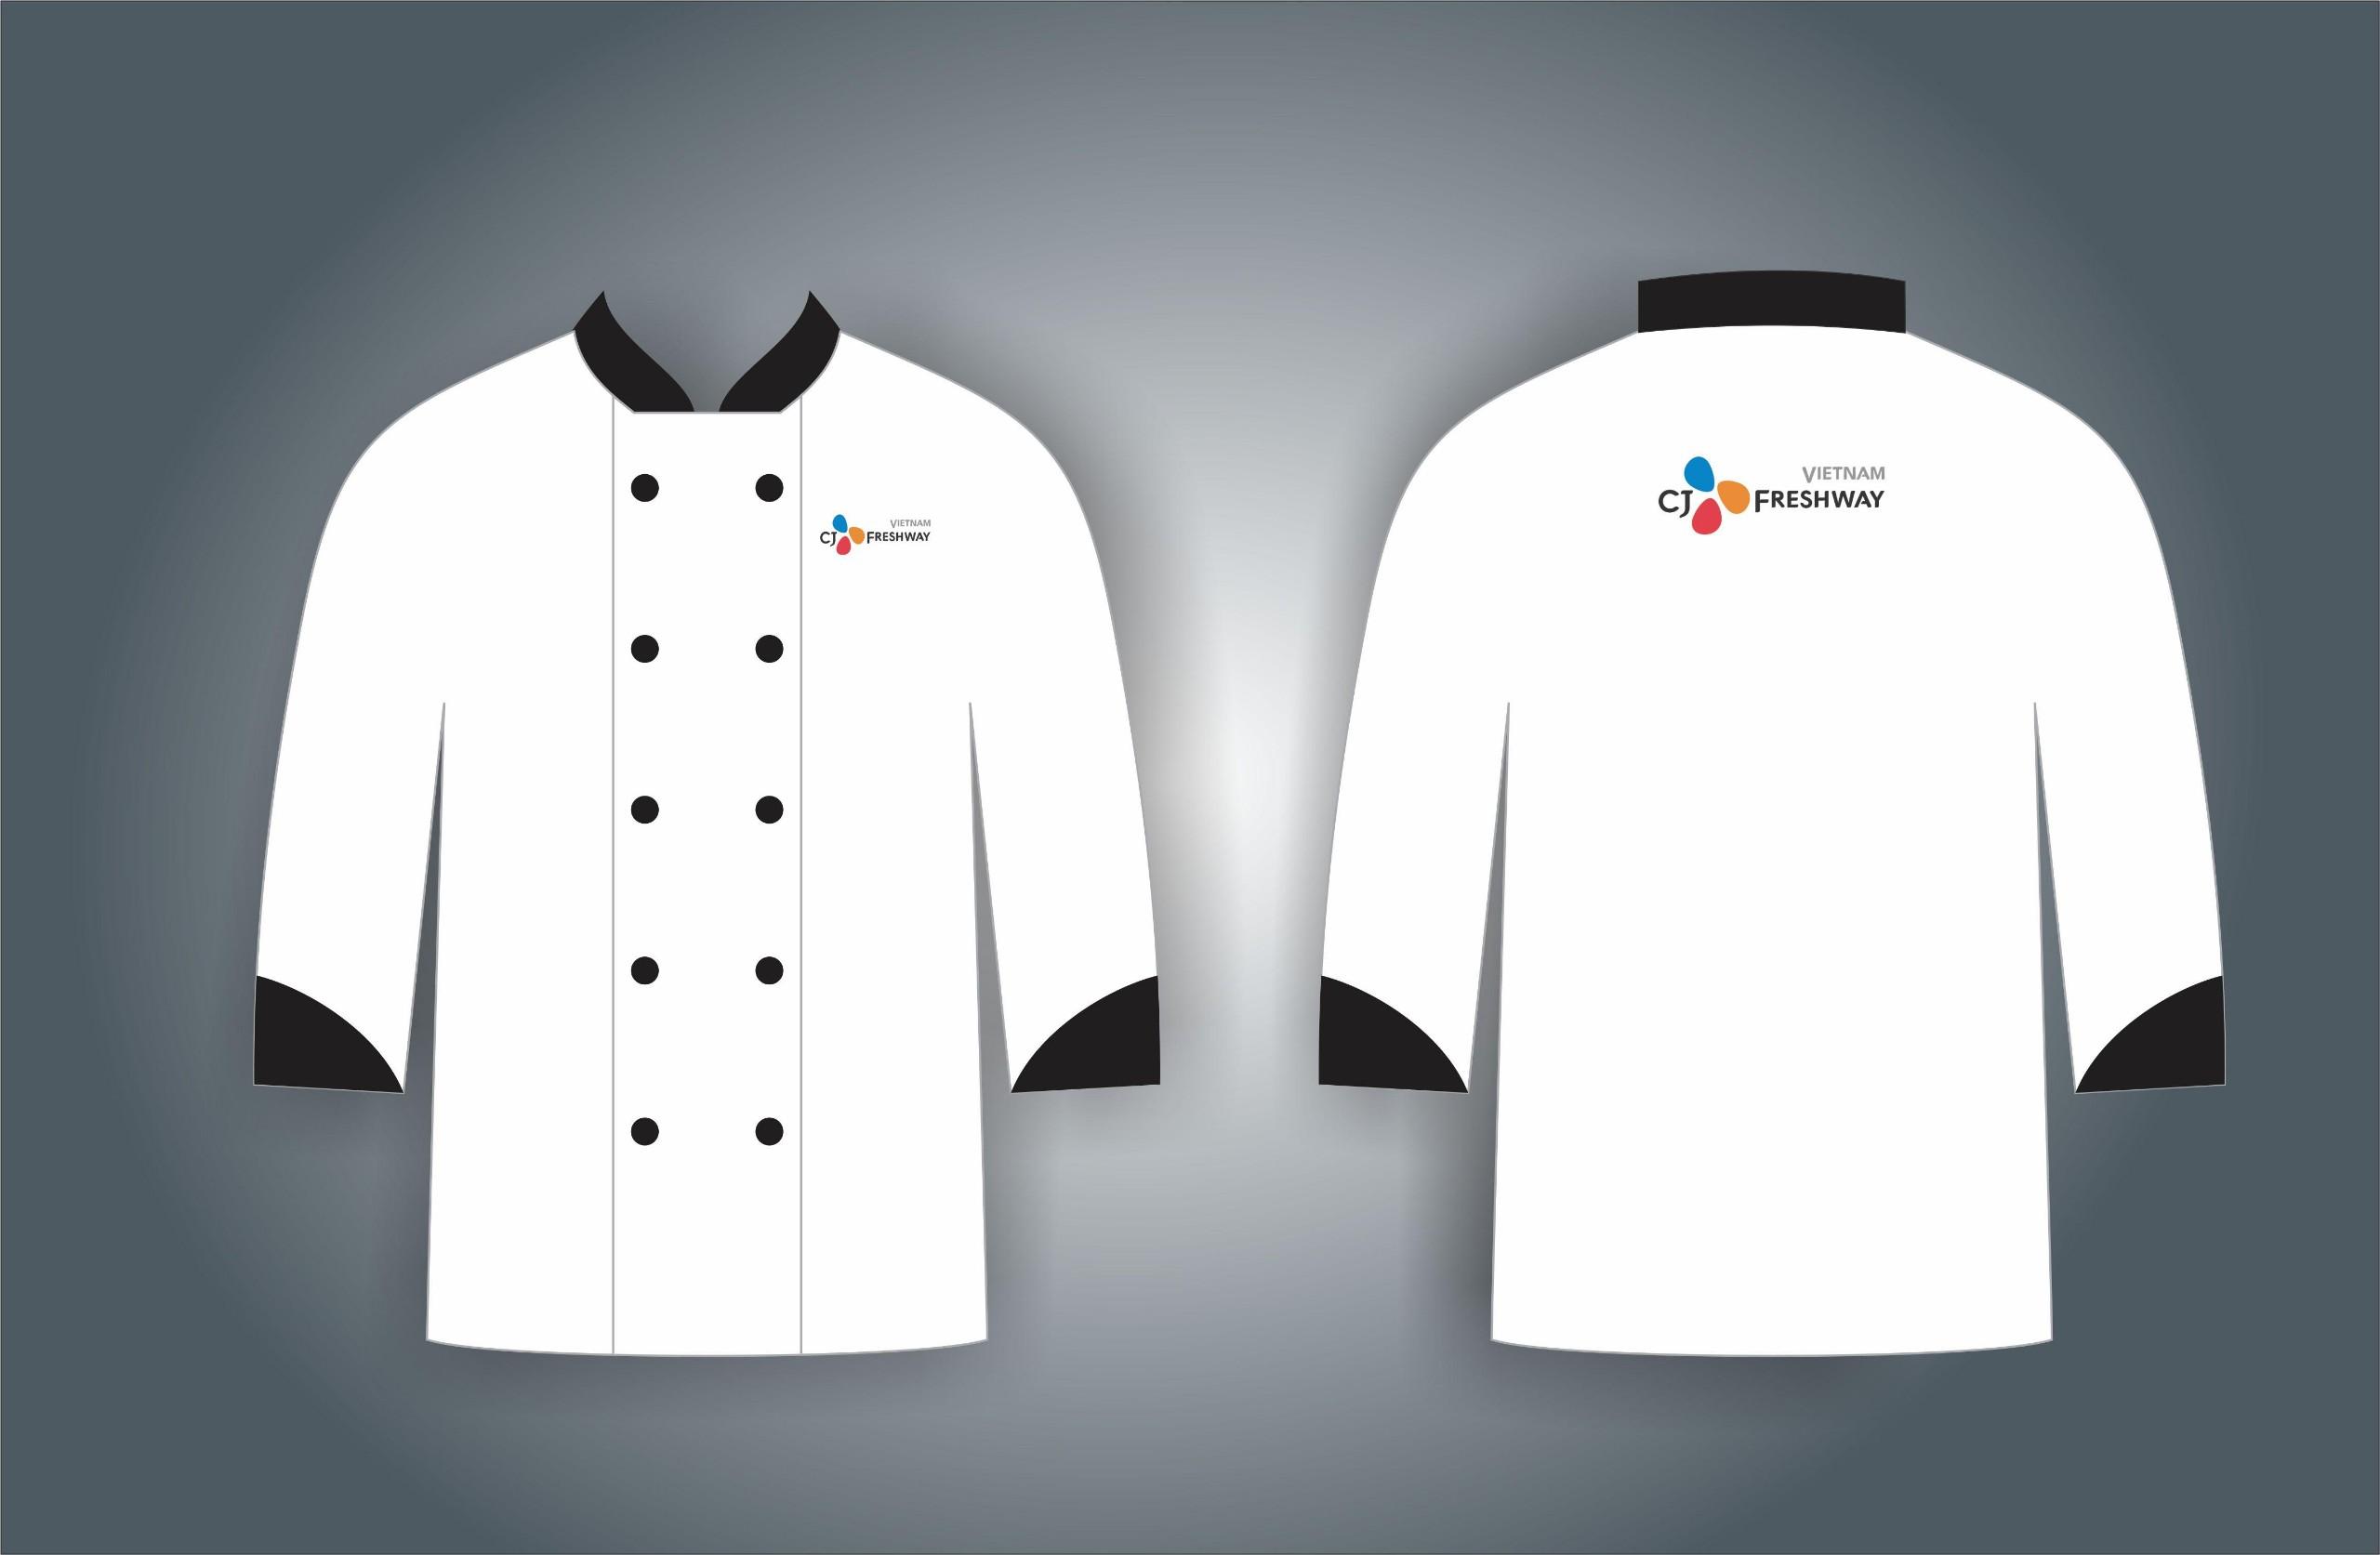 May đồng phục bếp giá rẻ tại Thành Phố Hồ Chí Minh